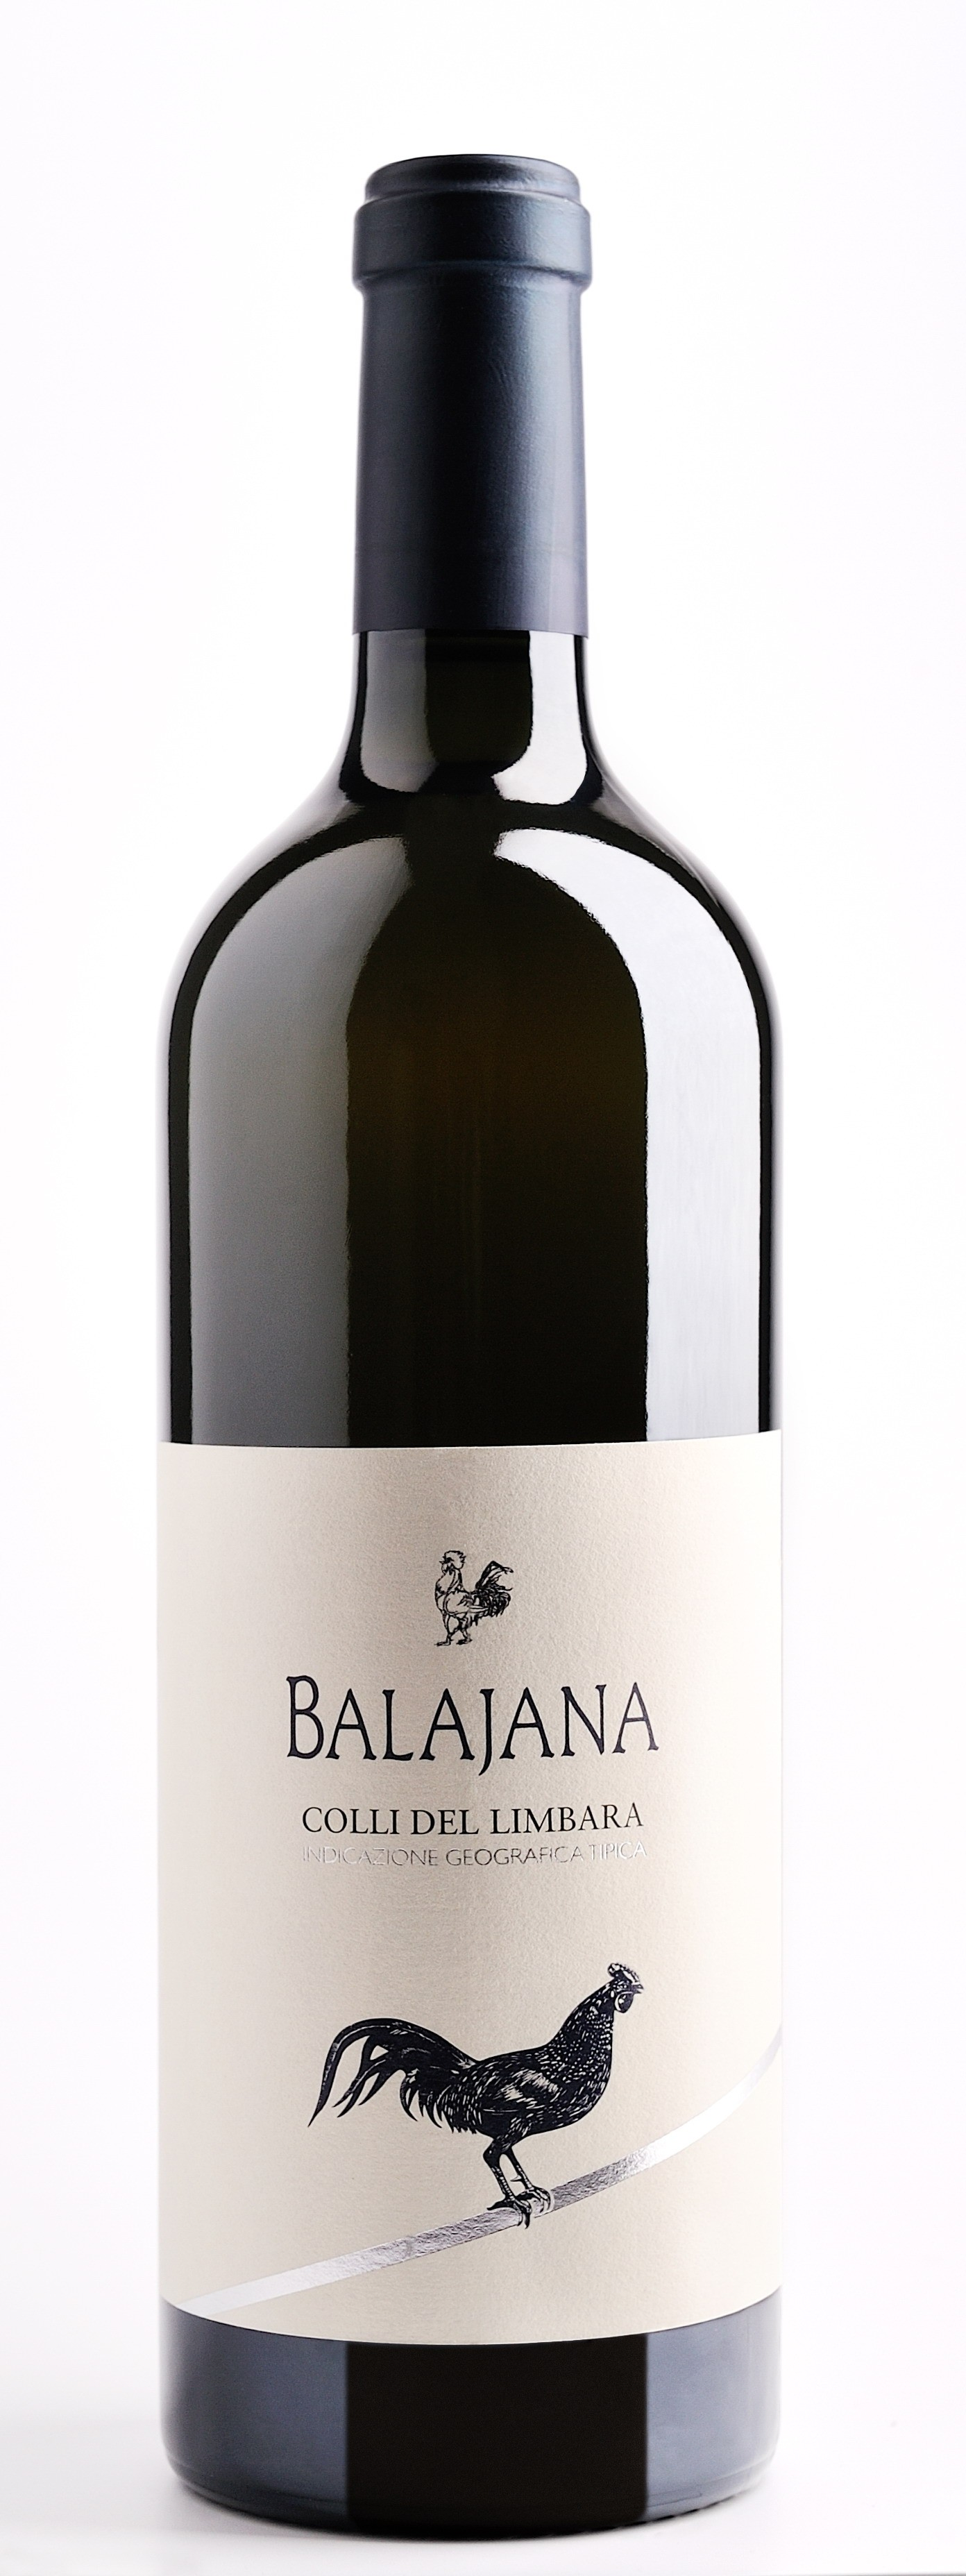 http://www.wineandgallery.cz/27-thickbox_default/balajana.jpg